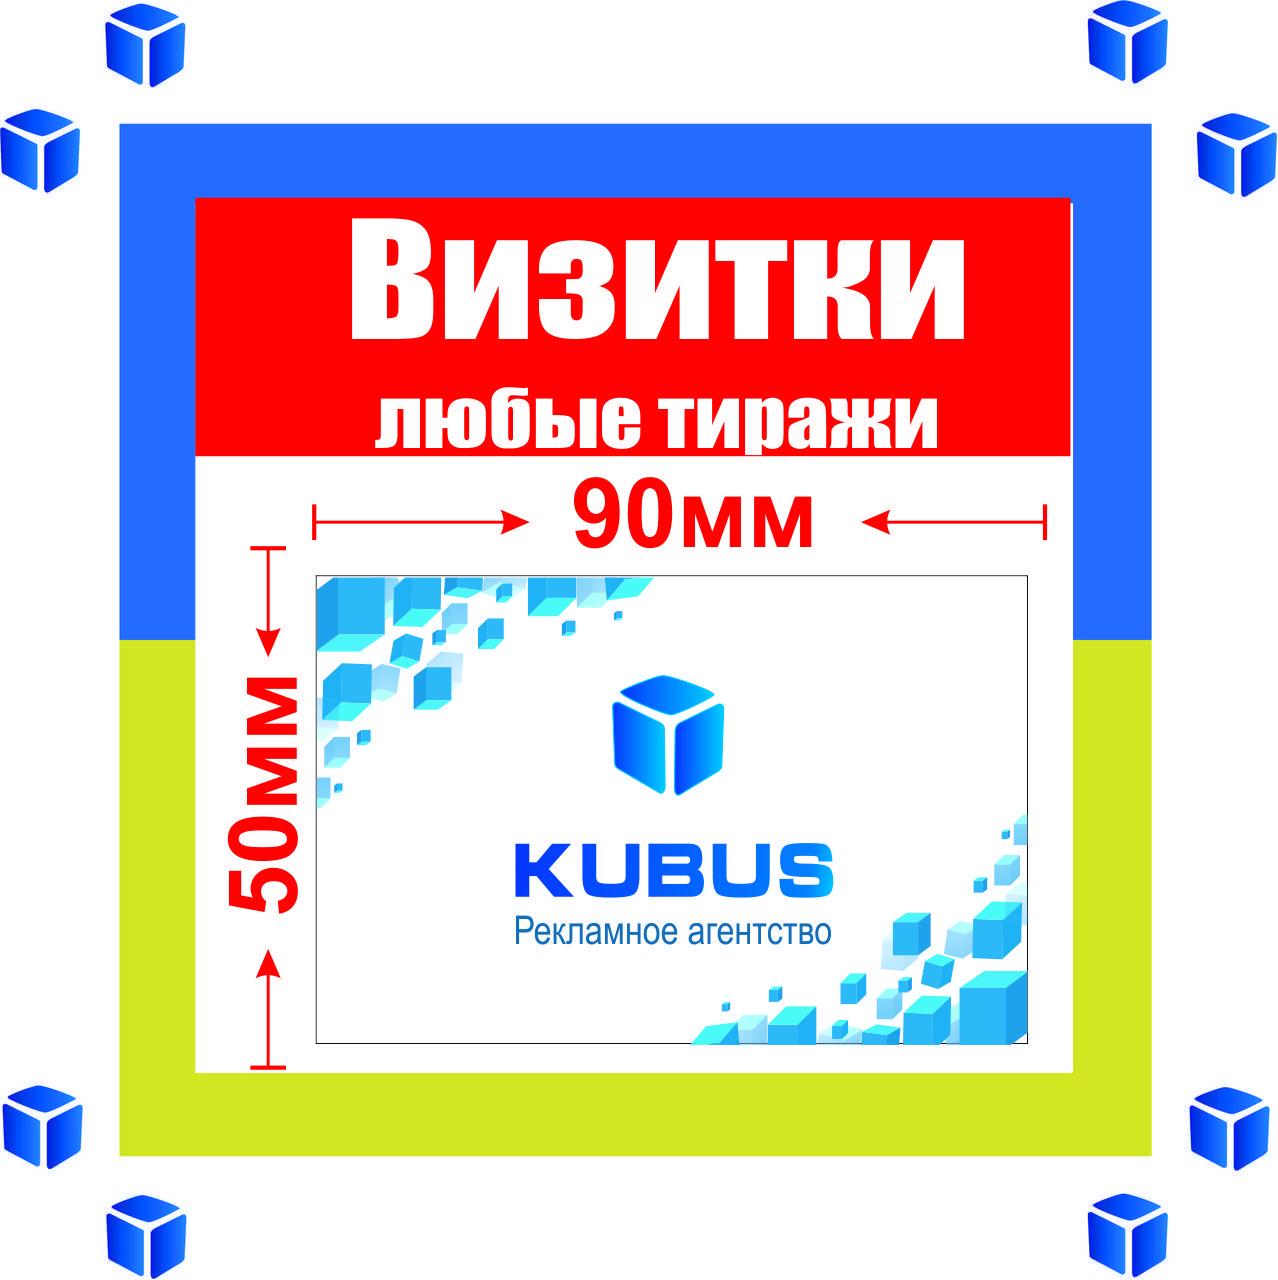 Визитки цветные двухсторонние 10000 шт (любые тиражи,глянцевая ламинация/ 3 дня )